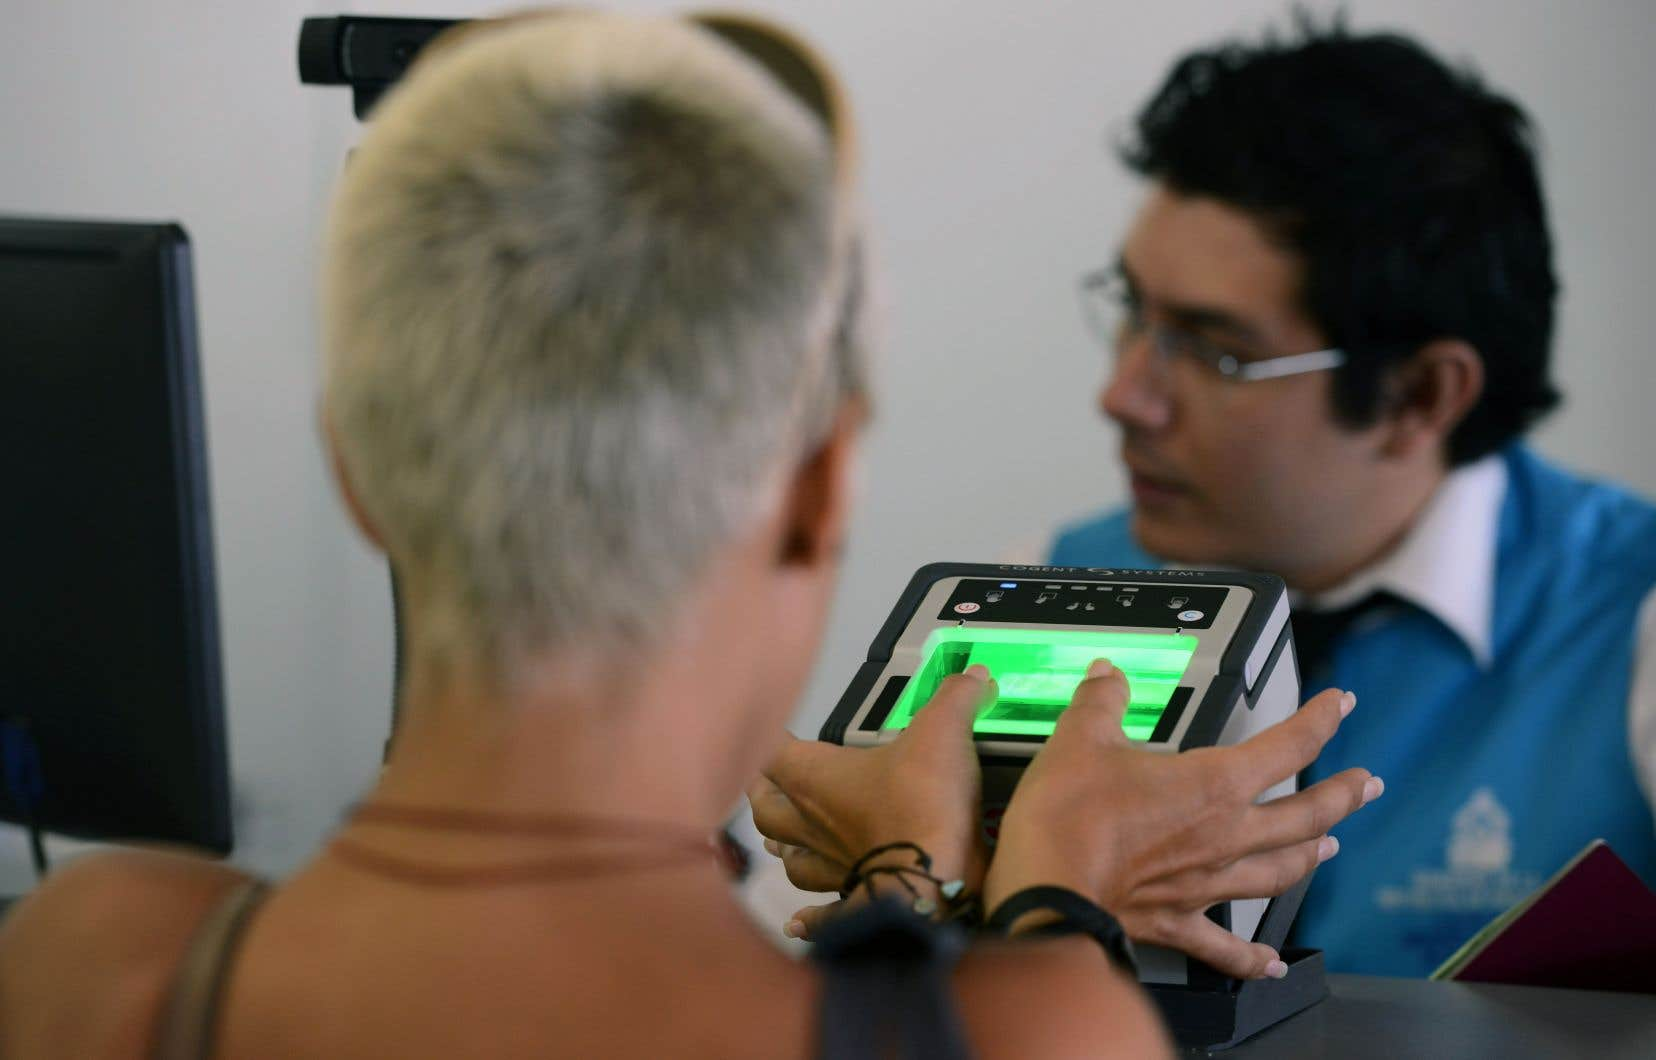 À compter d'aujourd'hui, tous les visiteurs d'Europe, du Moyen-Orient et d'Afrique devront fournir leurs empreintes, tandis que ceux venant d'Asie ou d'Amérique y seront obligés à compter du 31décembre prochain. Un voyageur n'aura à fournir ses données biométriques qu'une fois tous les 10ans, nonobstant son nombre de visites au Canada.